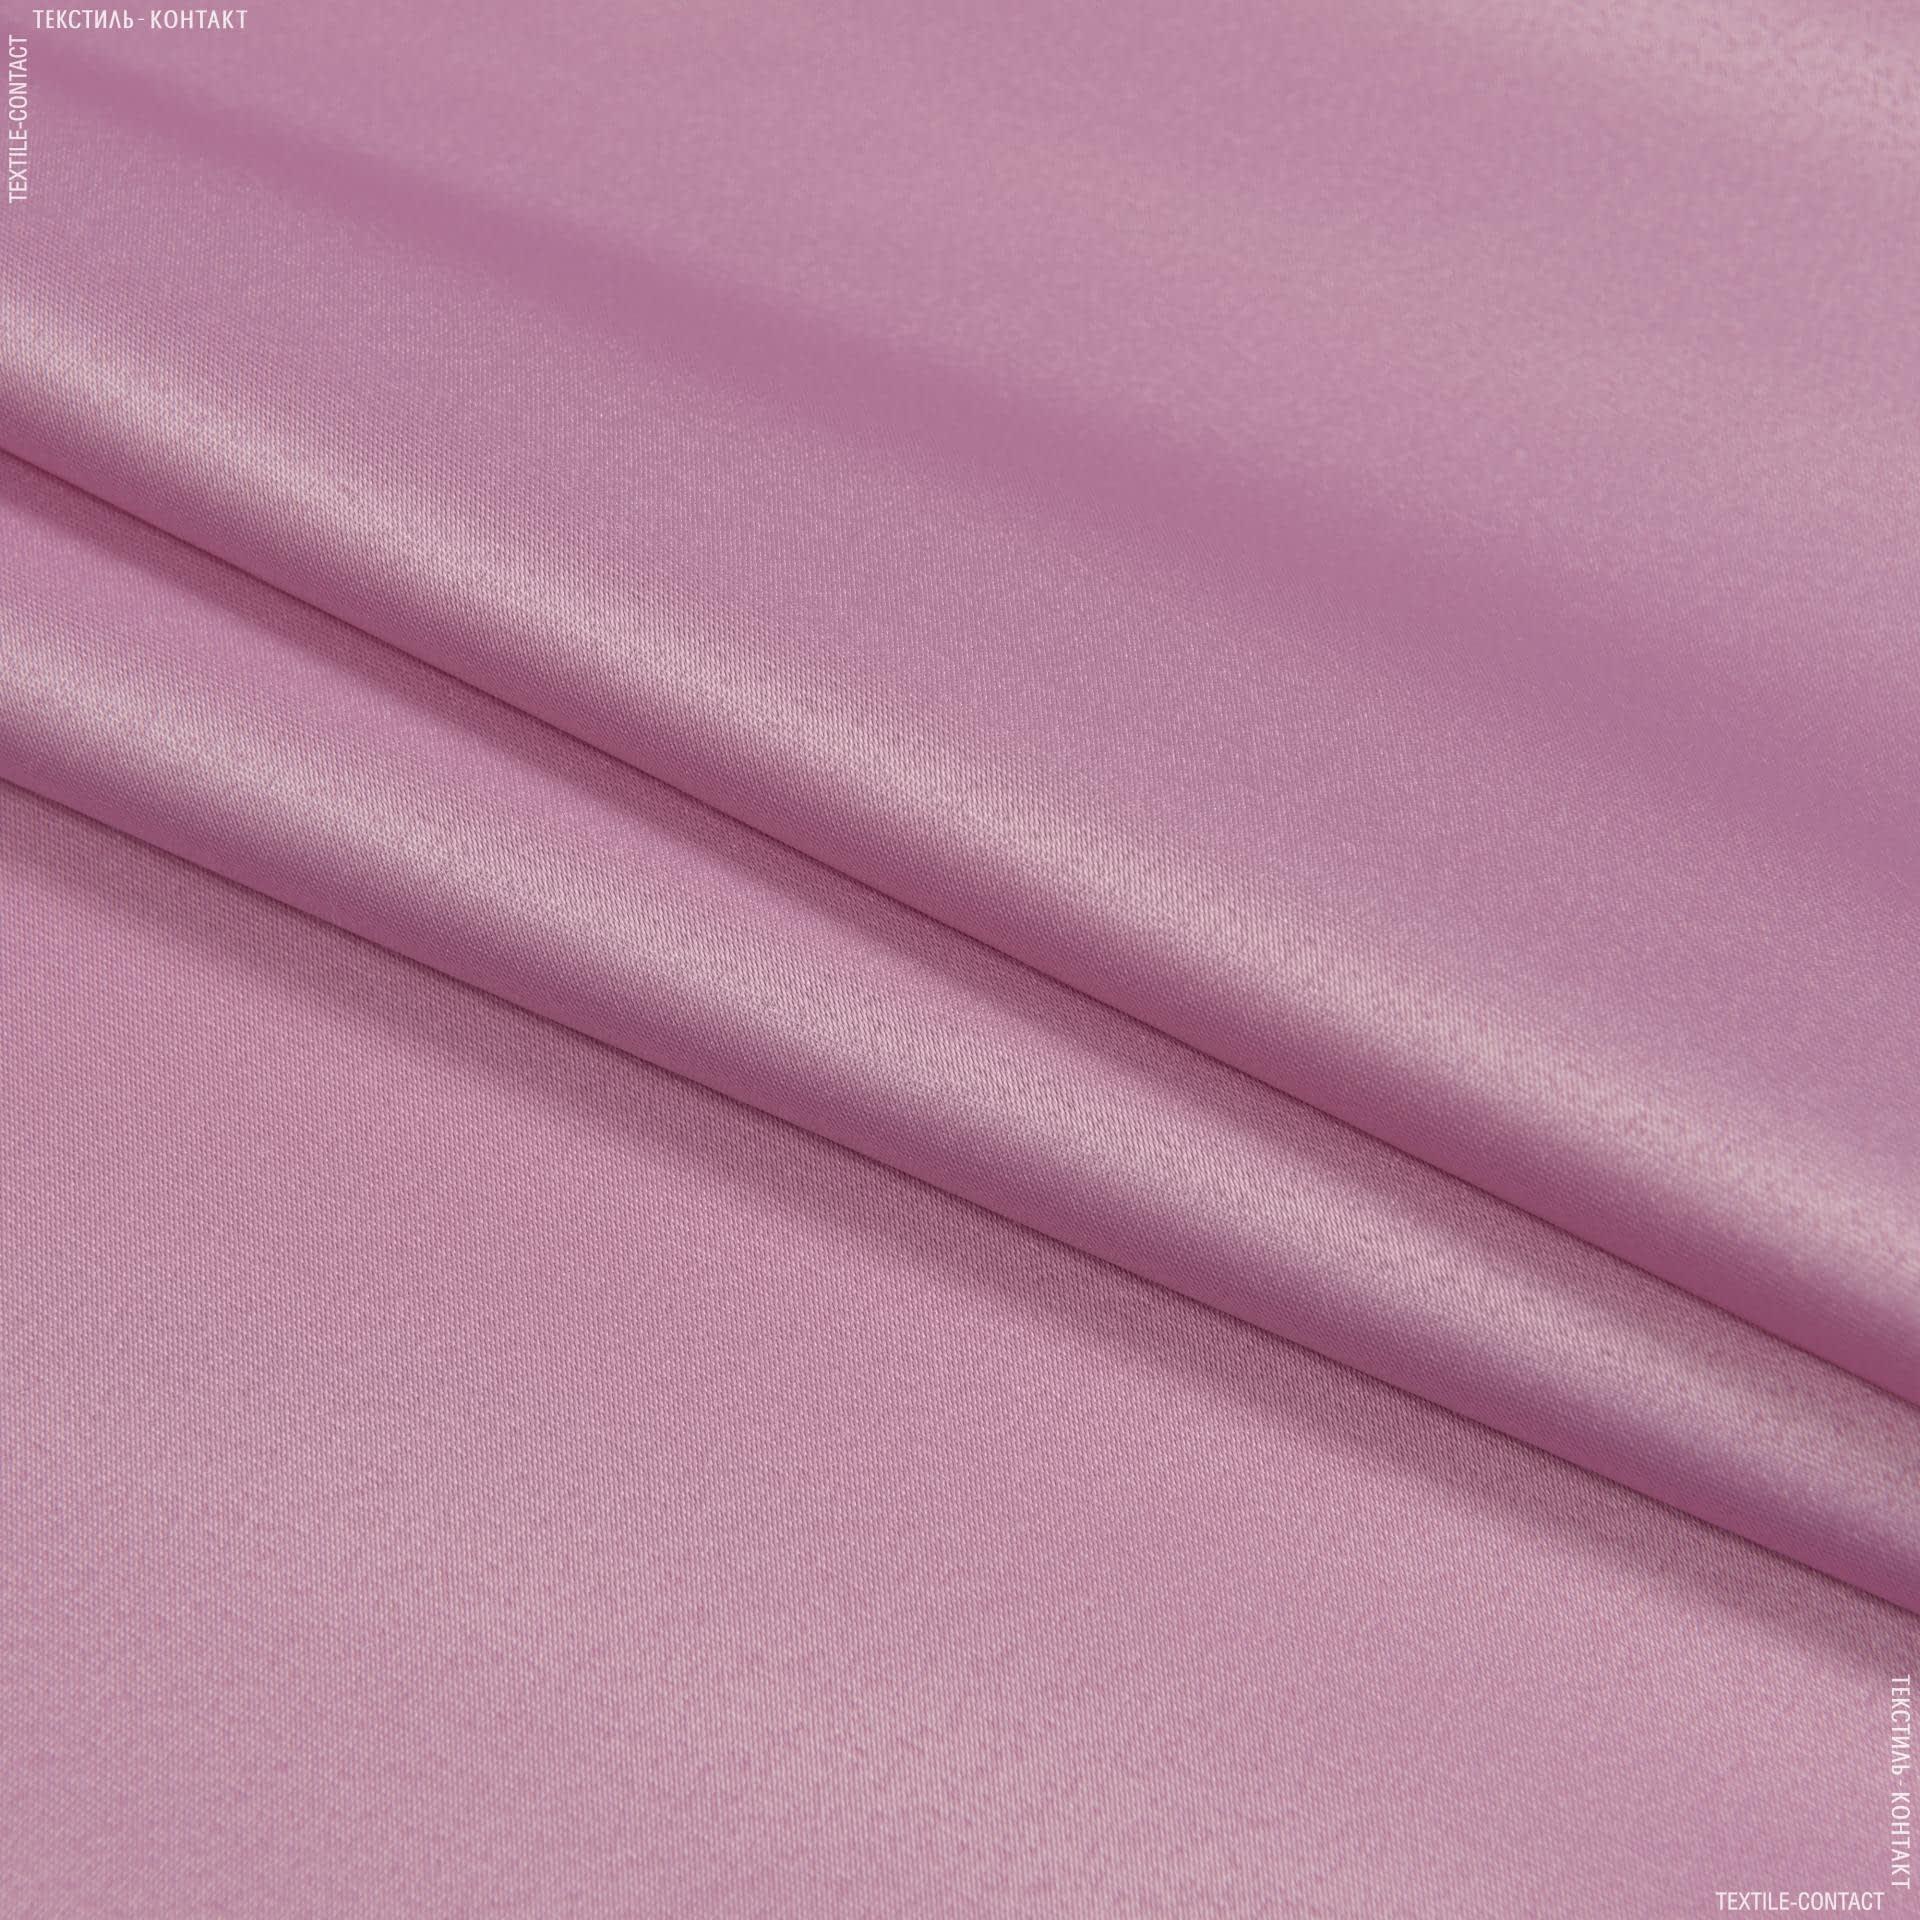 Тканини портьєрні тканини - Декоративний атлас дека/ deca /фрез